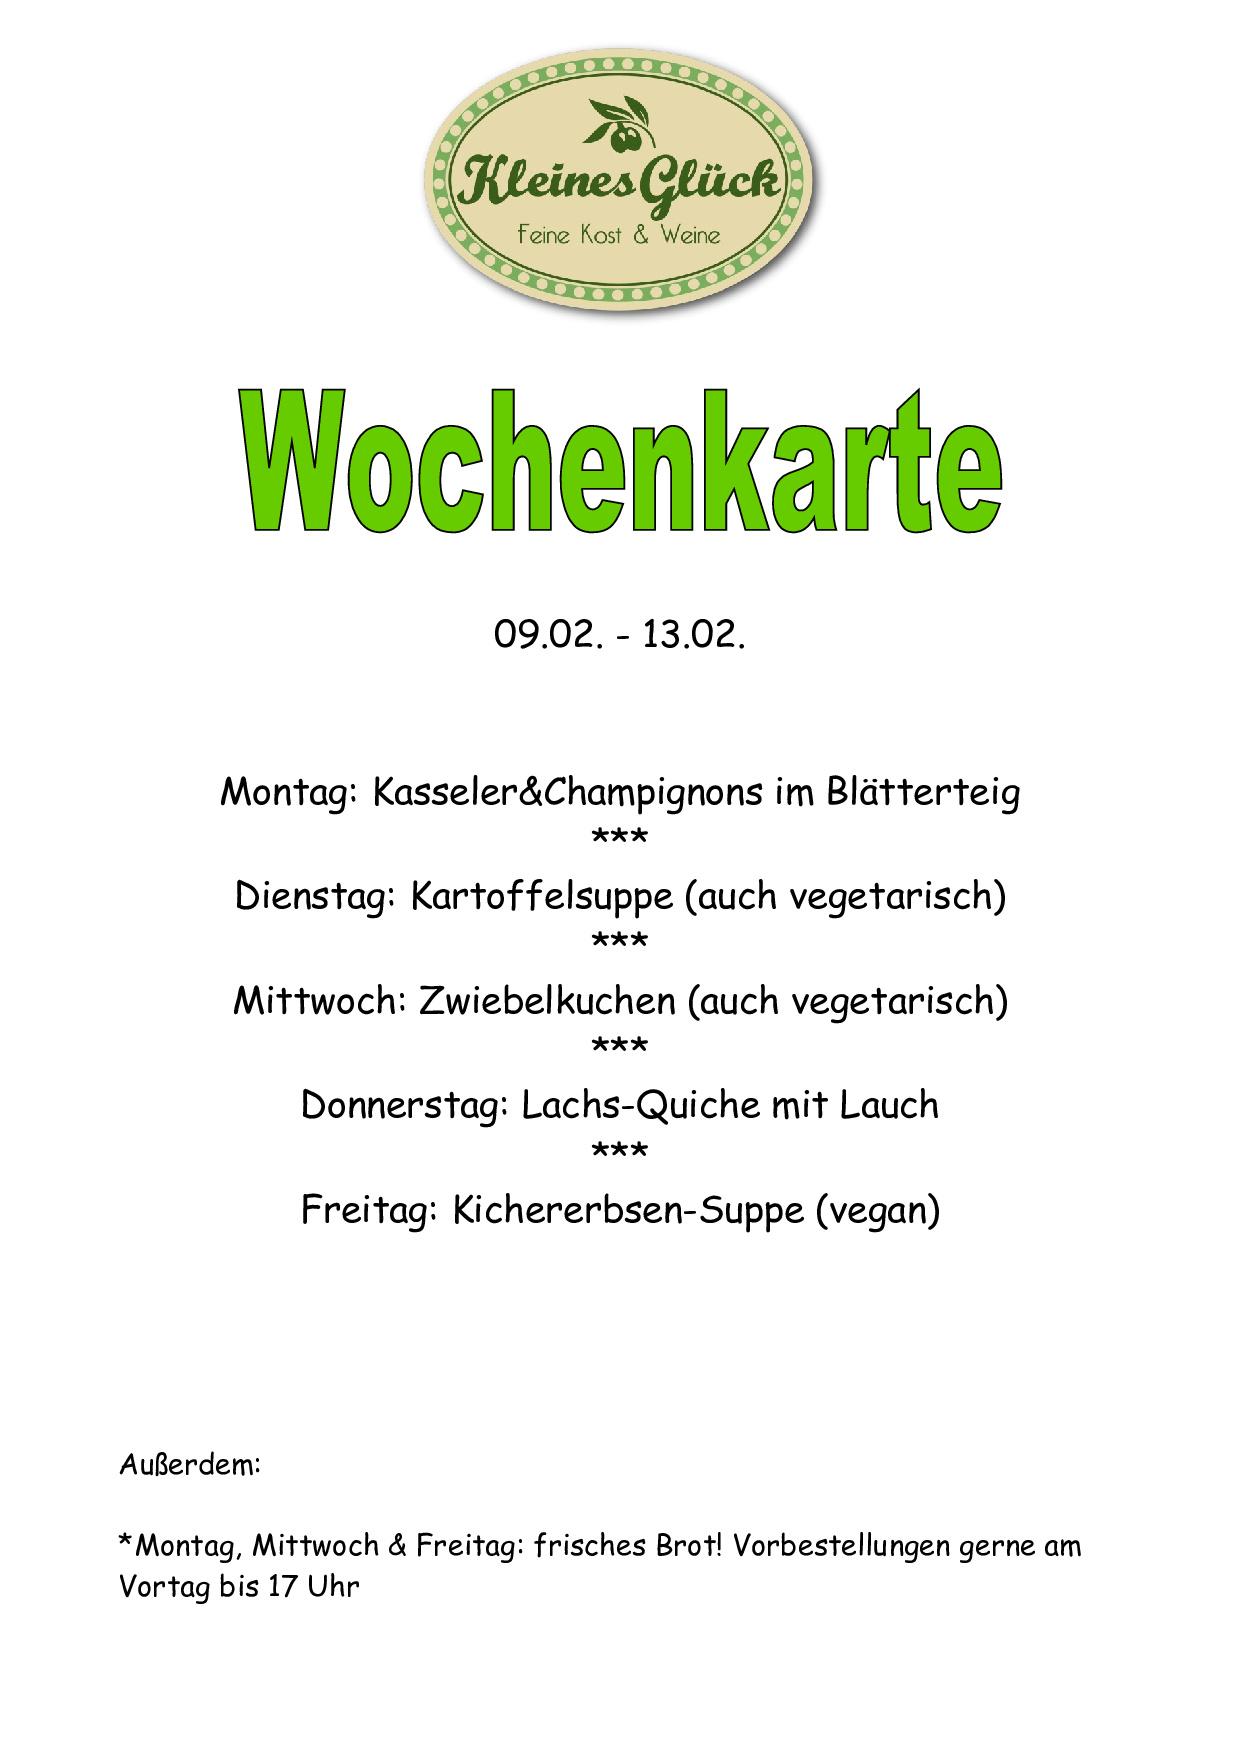 Wochenkarte_15-06